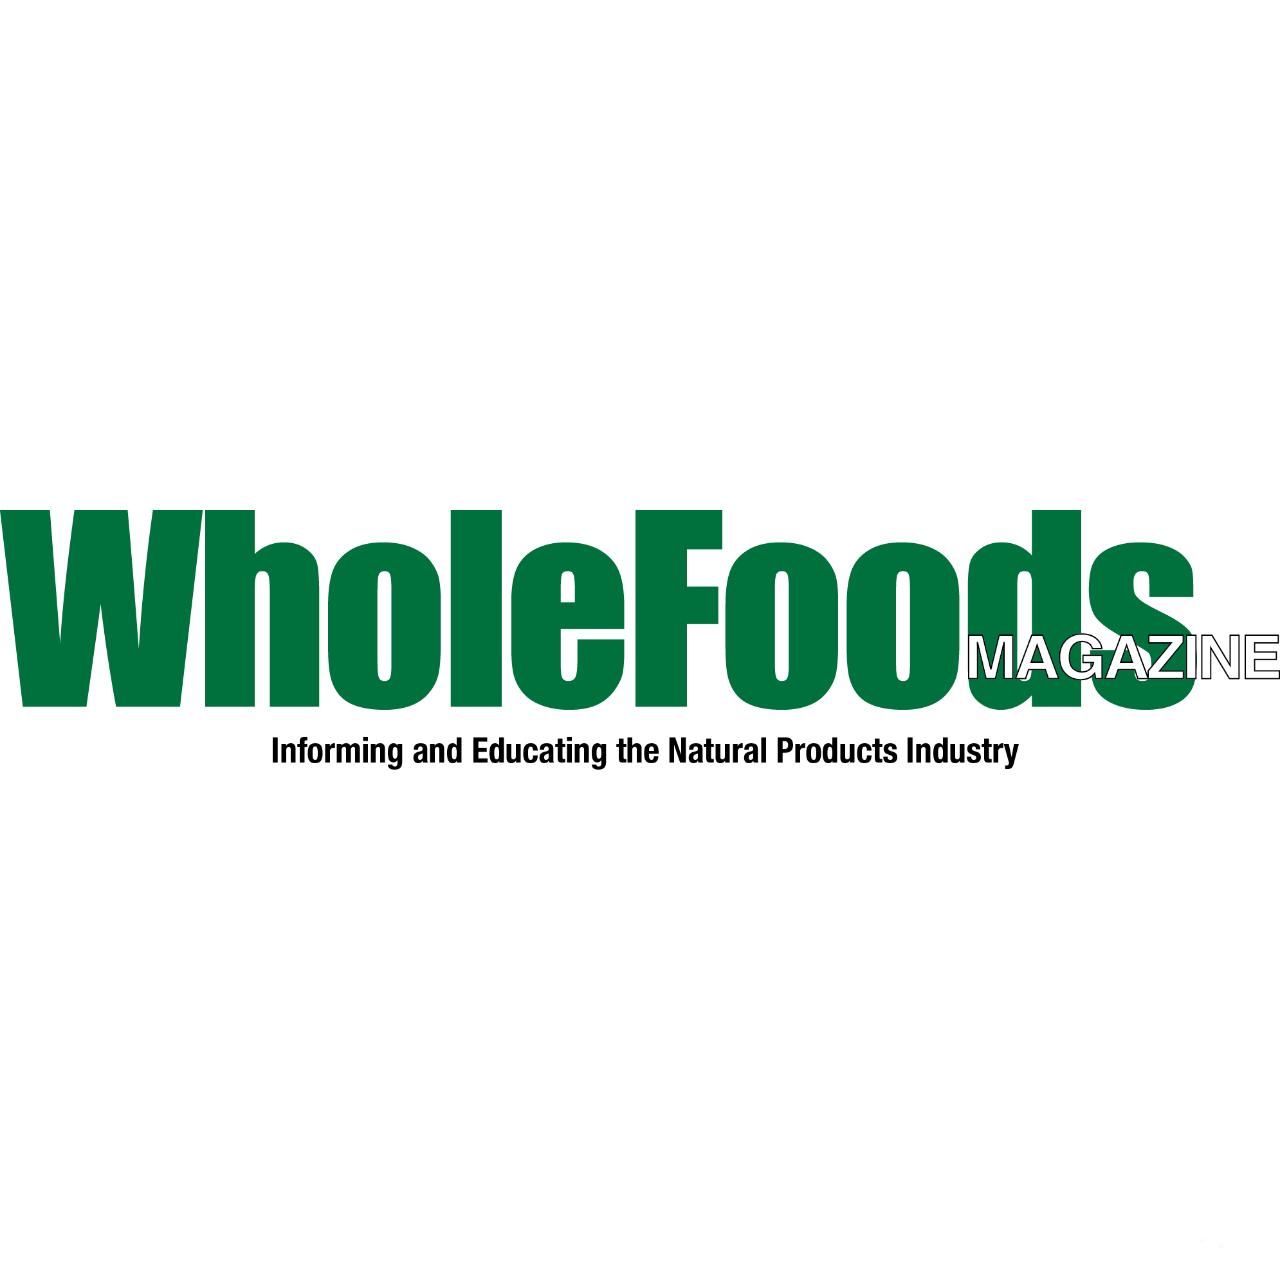 Whole Foods Magazine logo